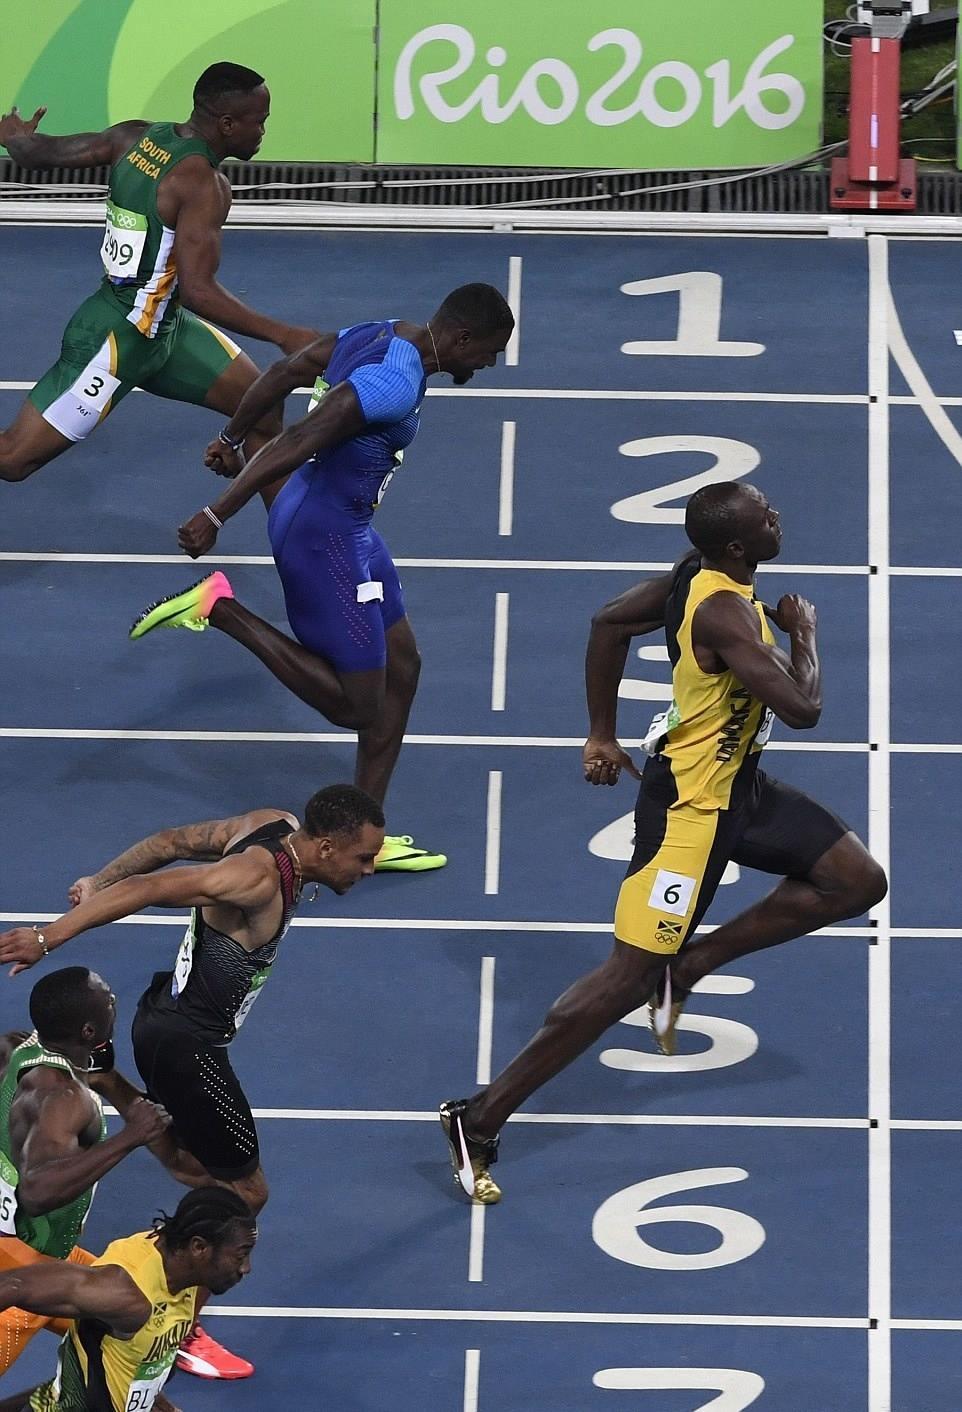 'Tia chớp' Usain Bolt lần thứ 3 giành HCV Olympic chạy 100m